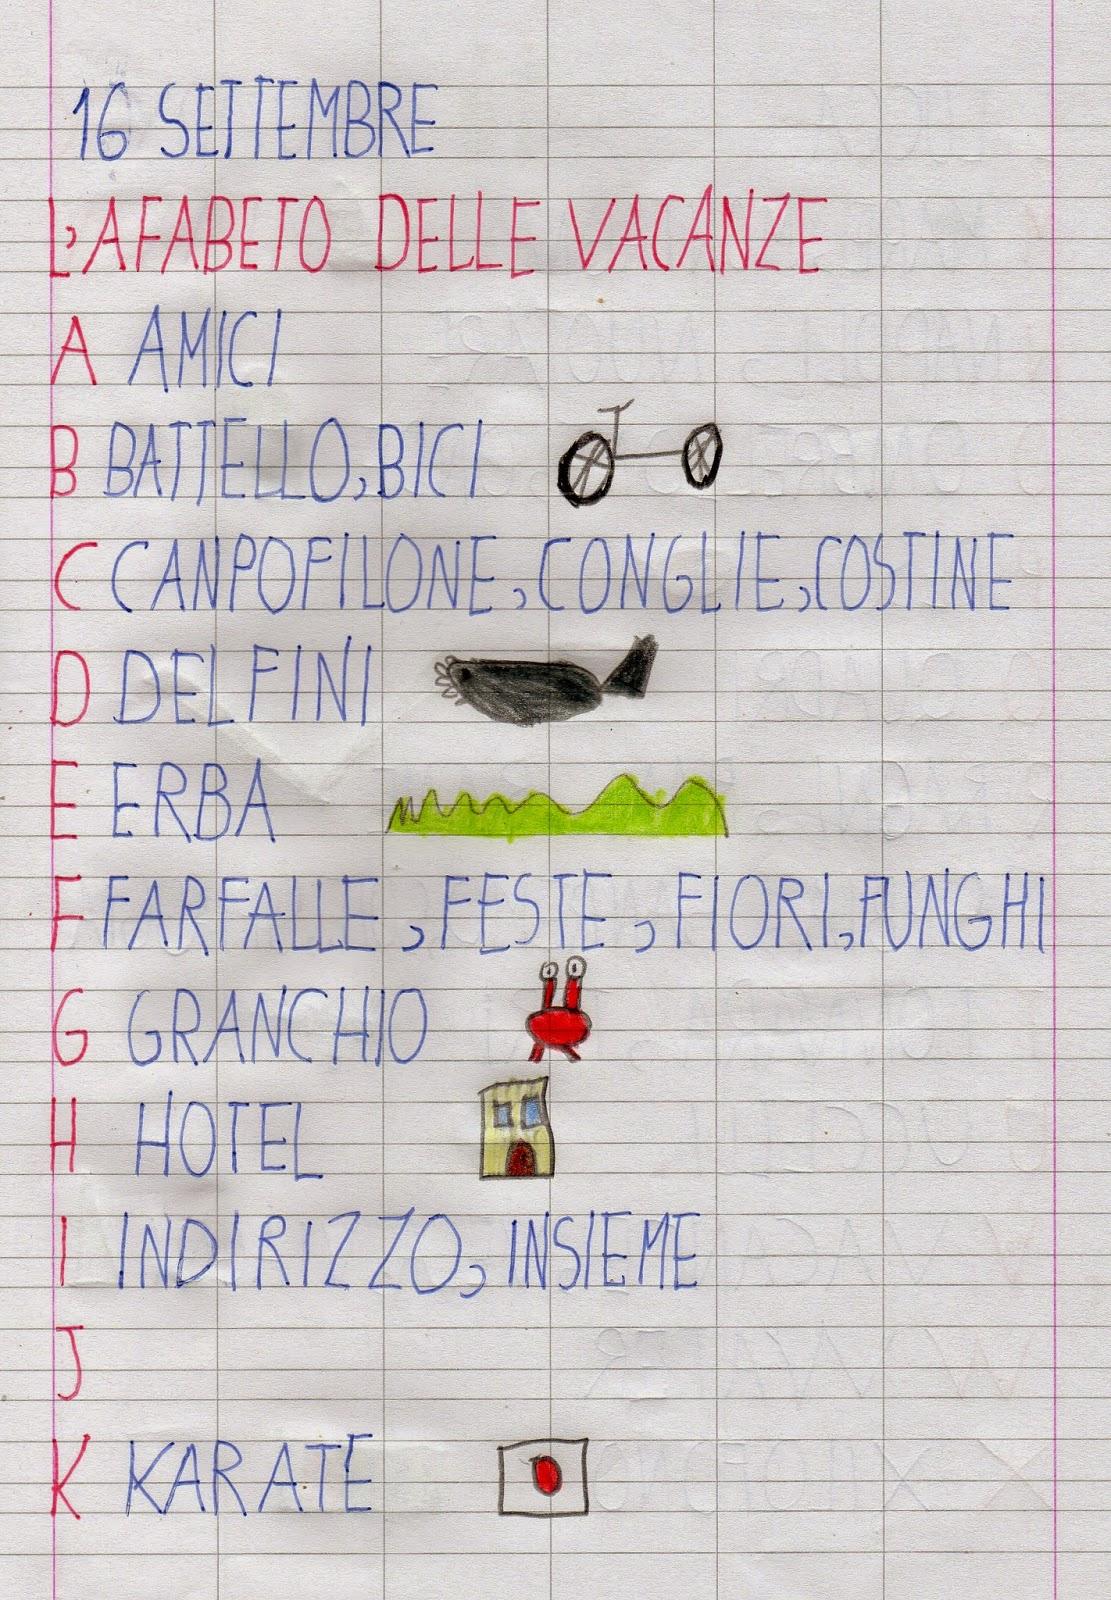 Apedario l 39 alfabeto delle vacanze - Parole con significati diversi ...